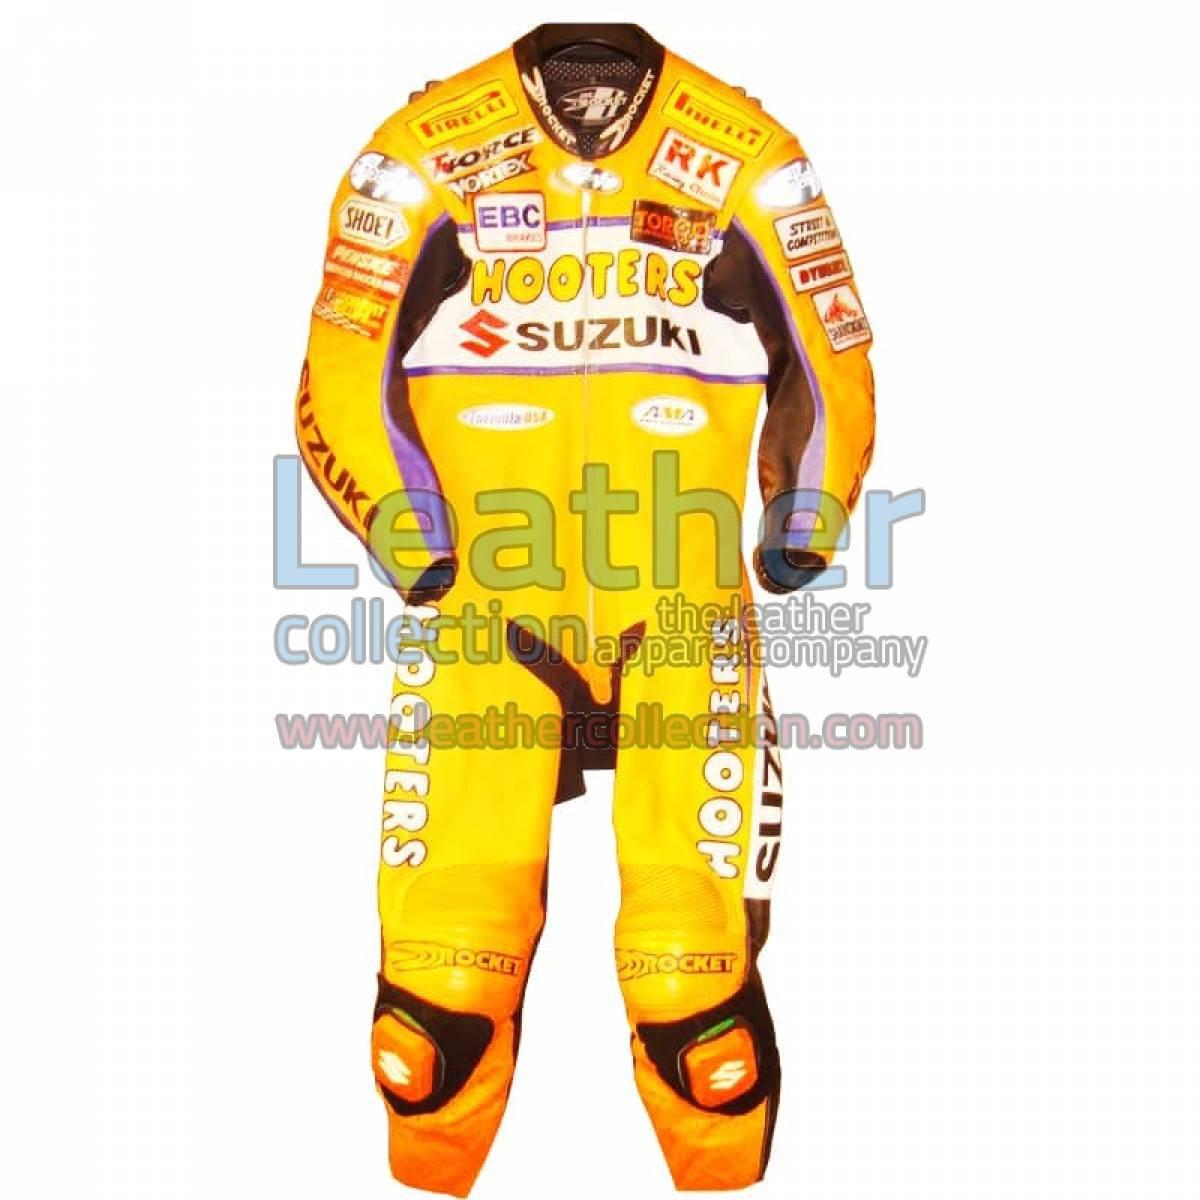 Larry Pegram Suzuki AMA Motorcycle Leathers